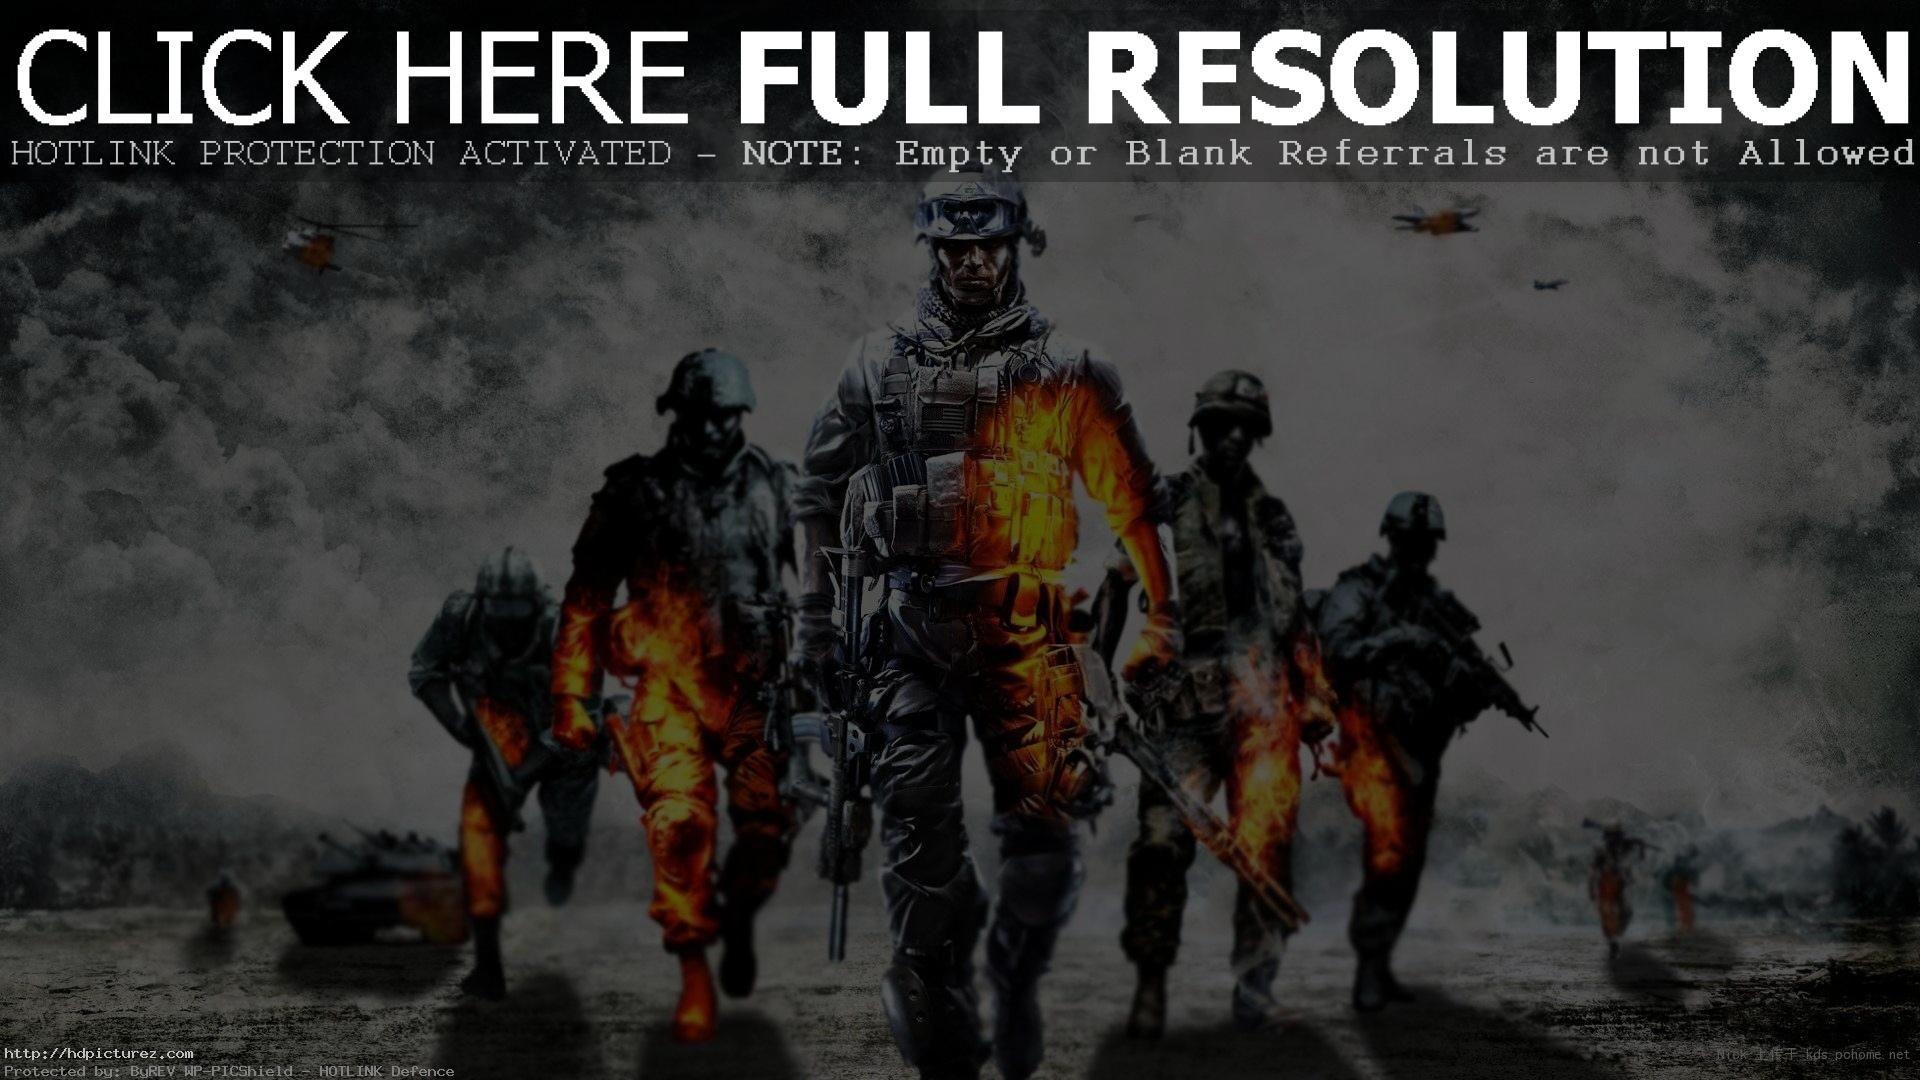 Battlefield Wallpaper Images Hd Wallpapers Buzz 2560 1440